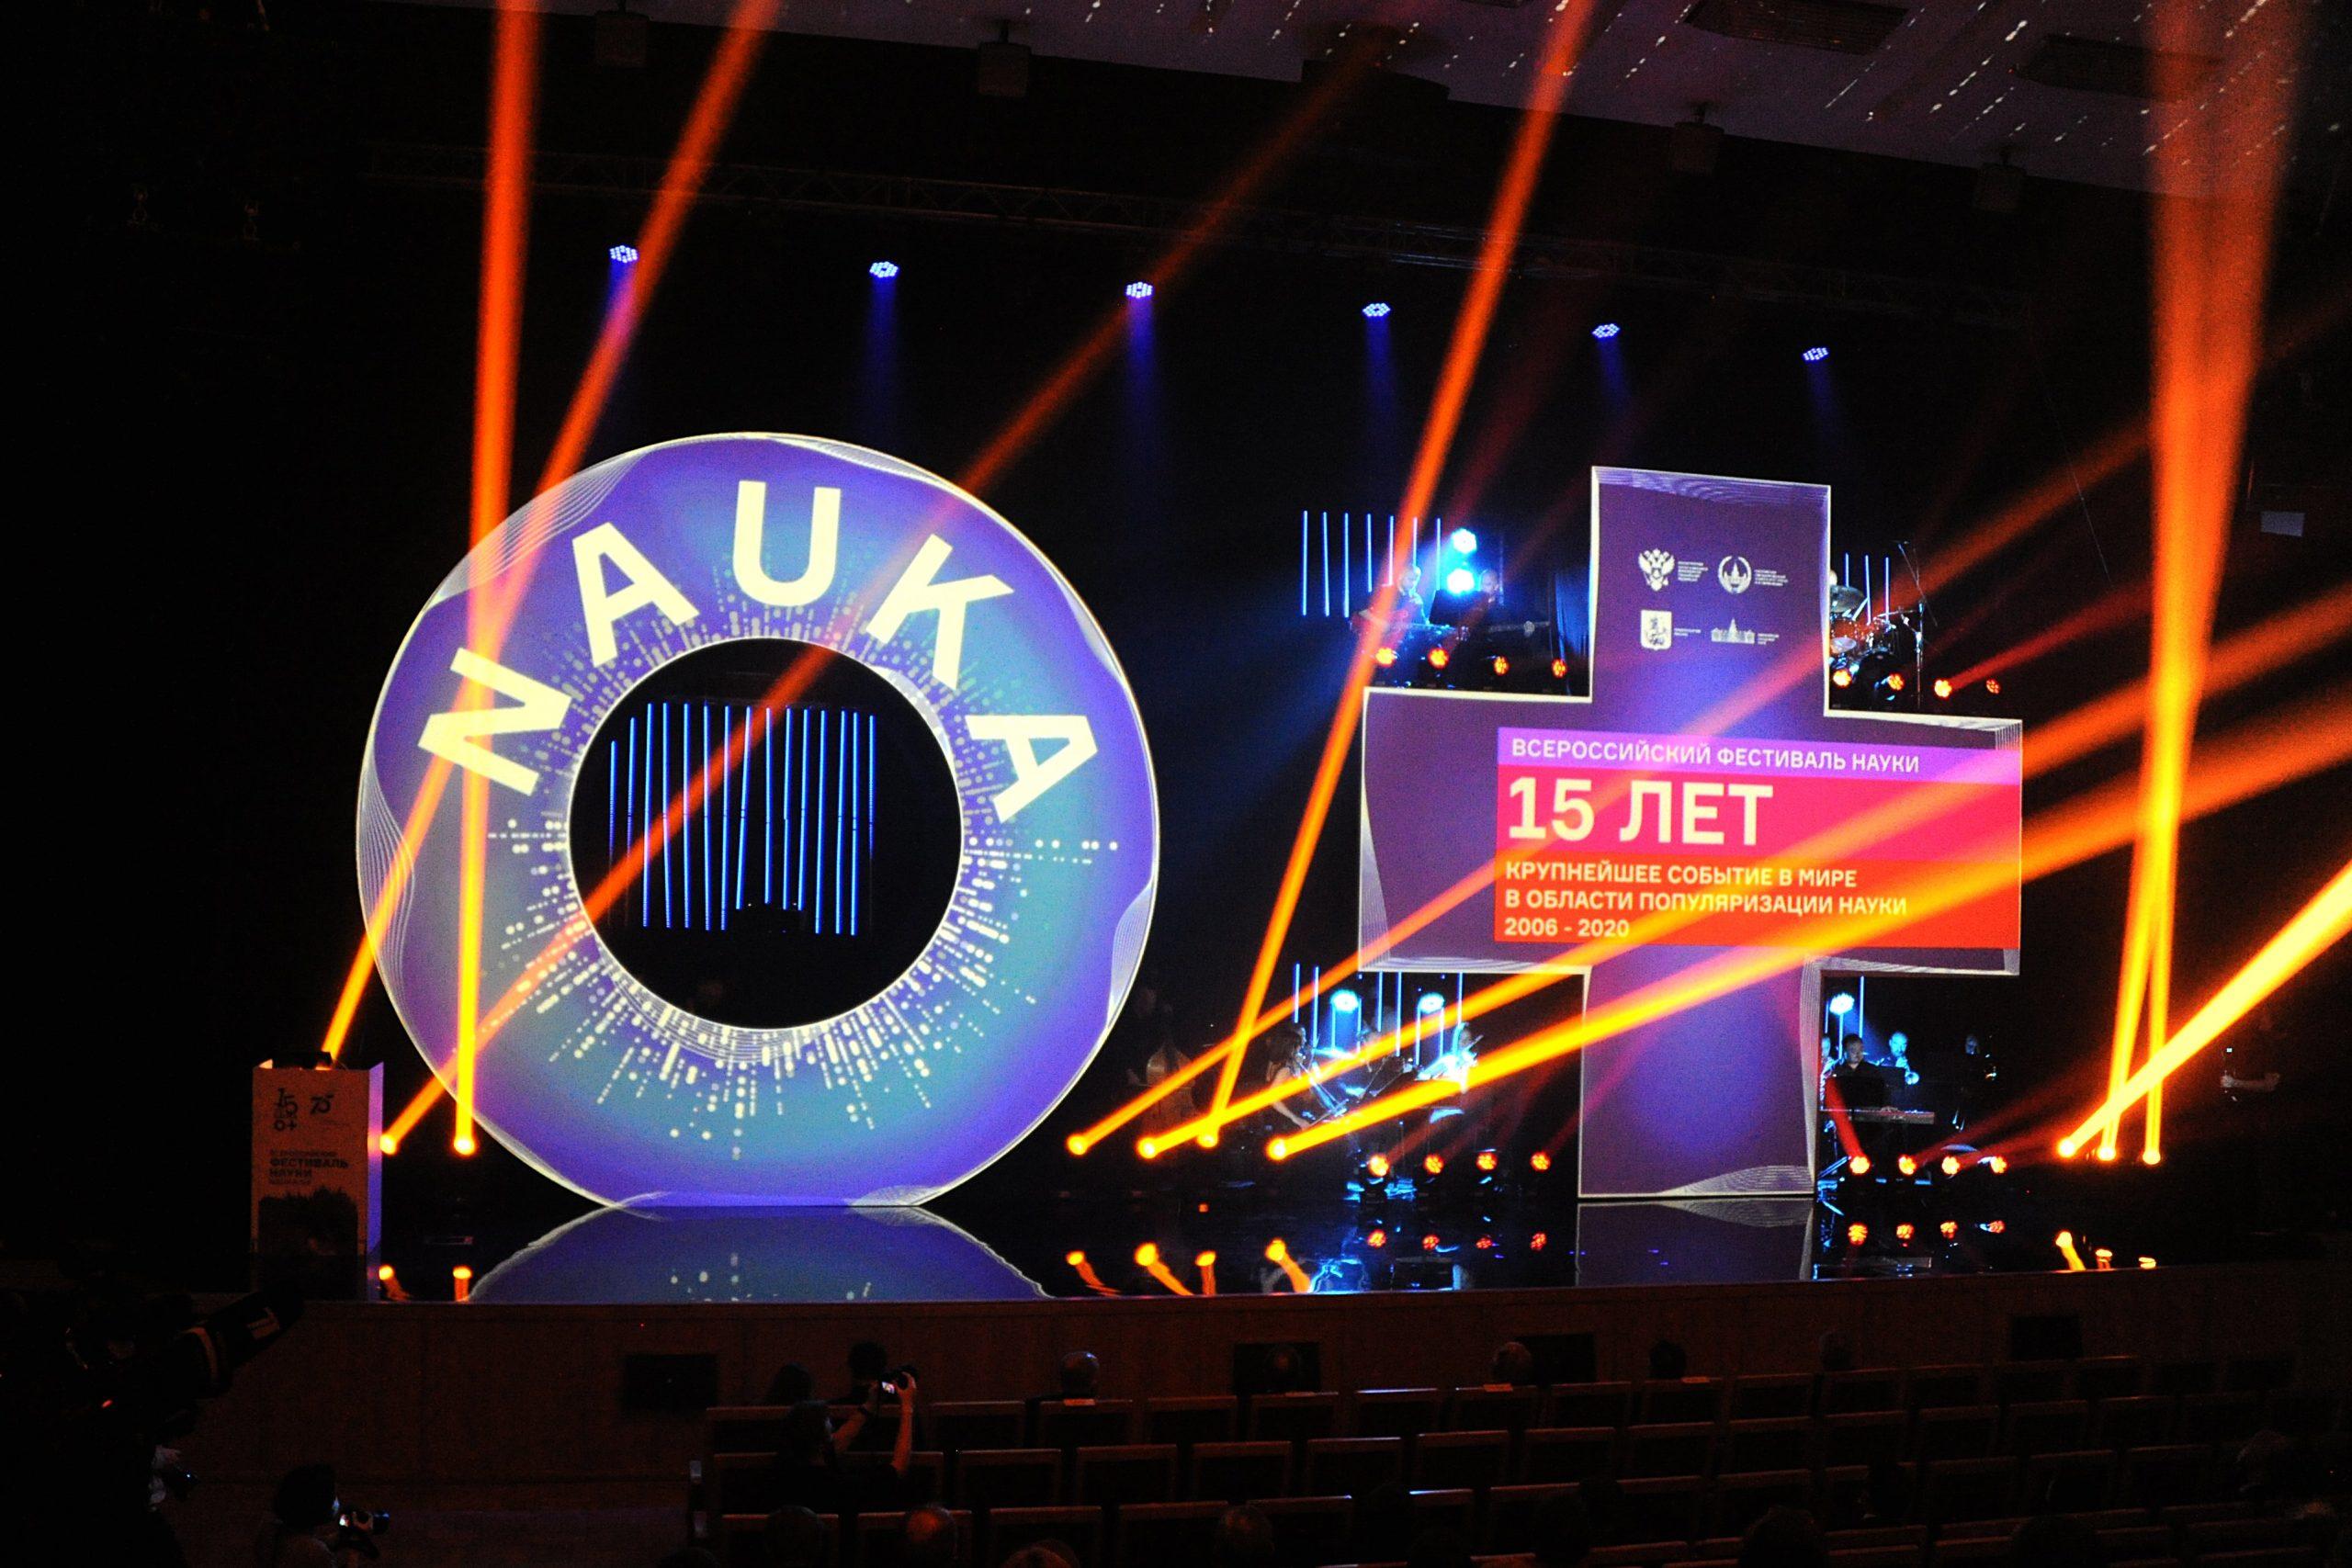 Более 15 млн участников: XV Юбилейный Всероссийский фестиваль NAUKA 0+ завершился рекордами